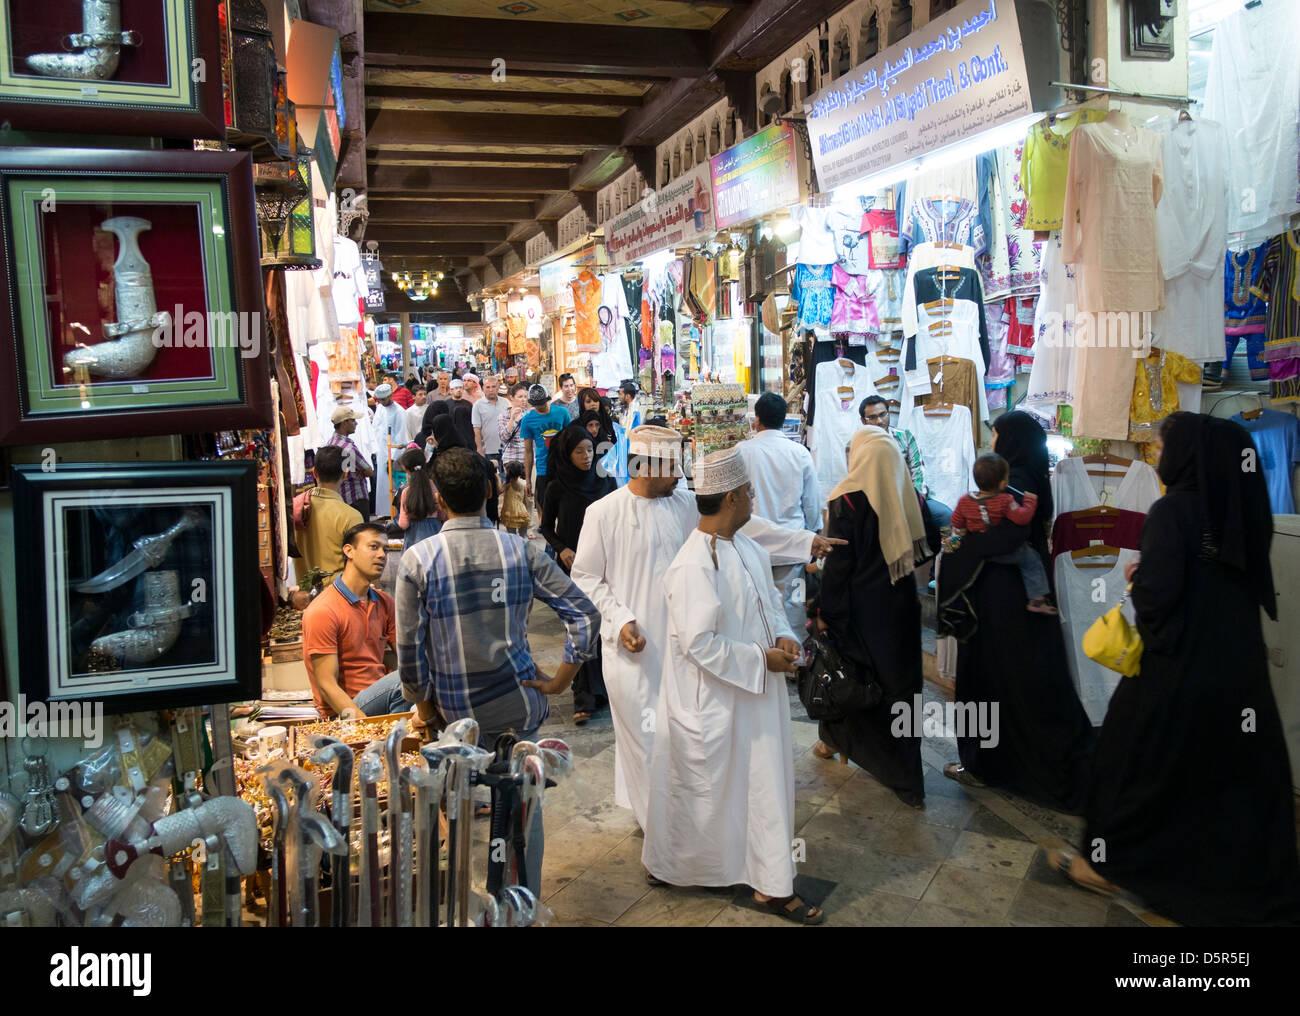 Vista del zoco Mutrah ocupado en Mascate, Omán Oriente Medio Imagen De Stock